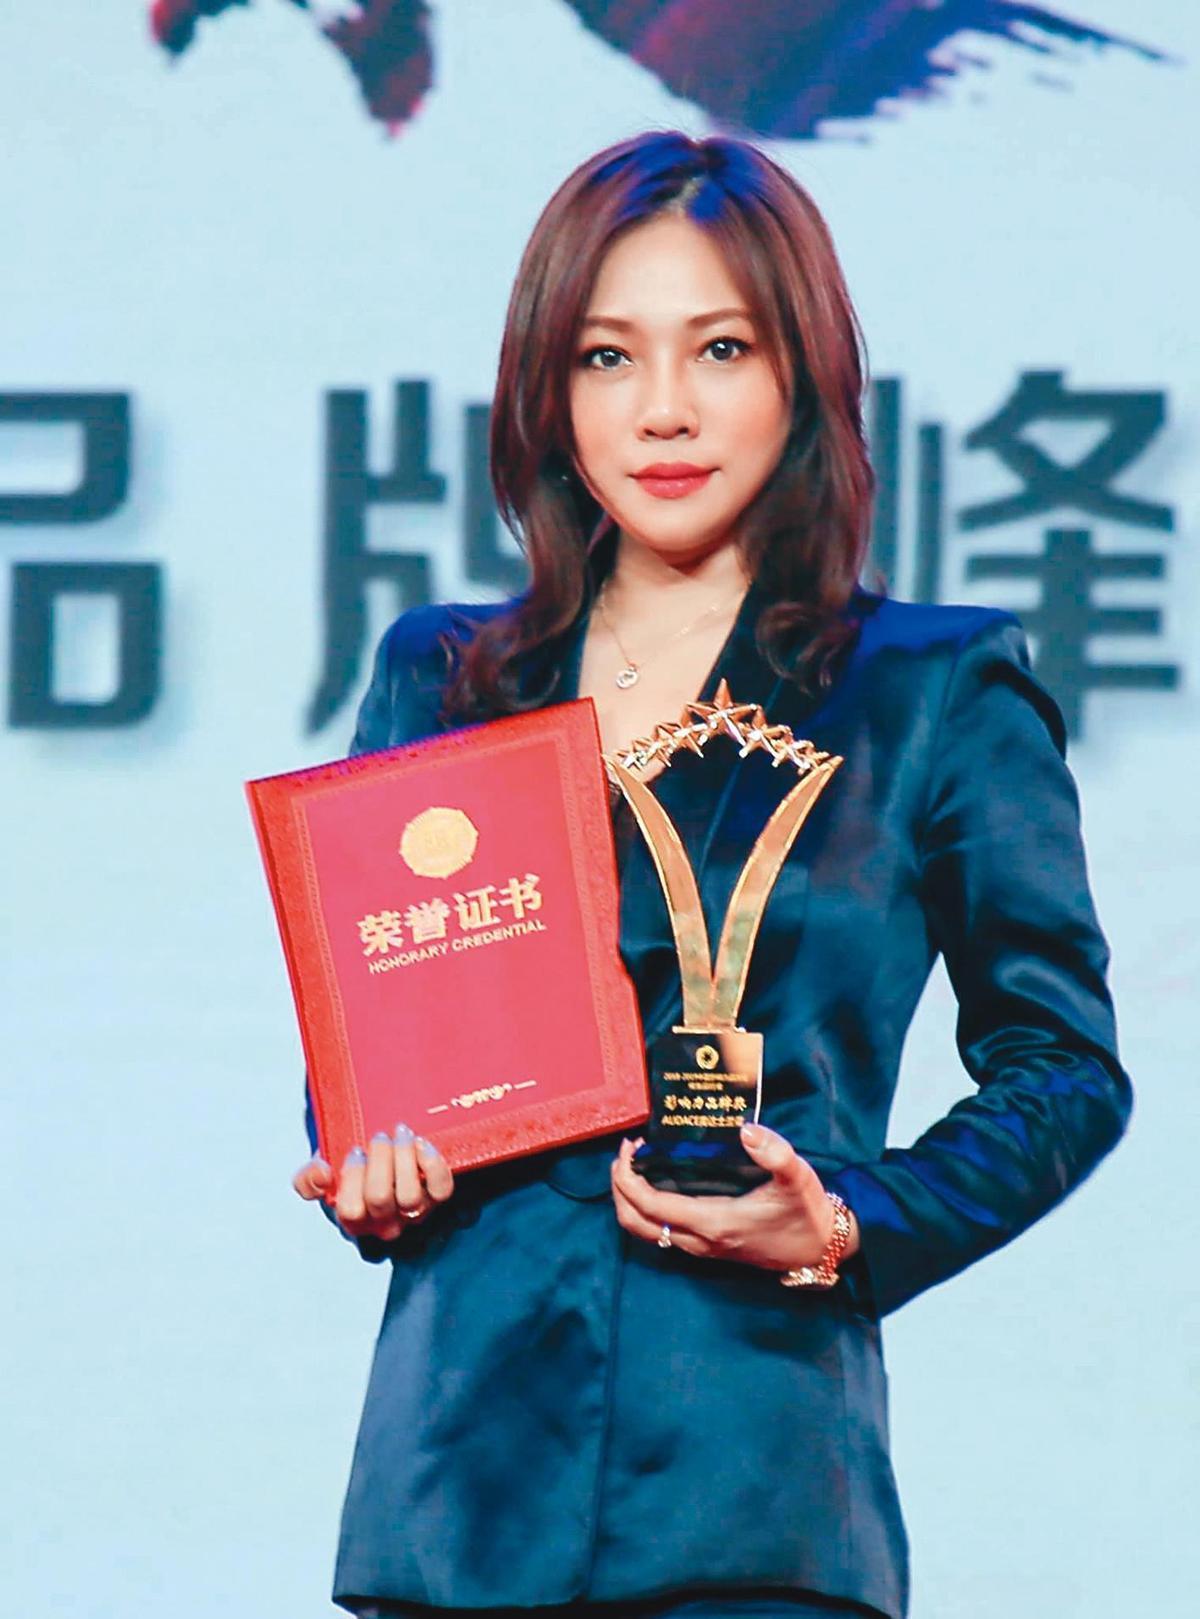 李詩翔是明道工作室的負責人,兩人也合創保養品牌並打出成績,營業額有破億元之譜。(翻攝自李詩翔臉書)